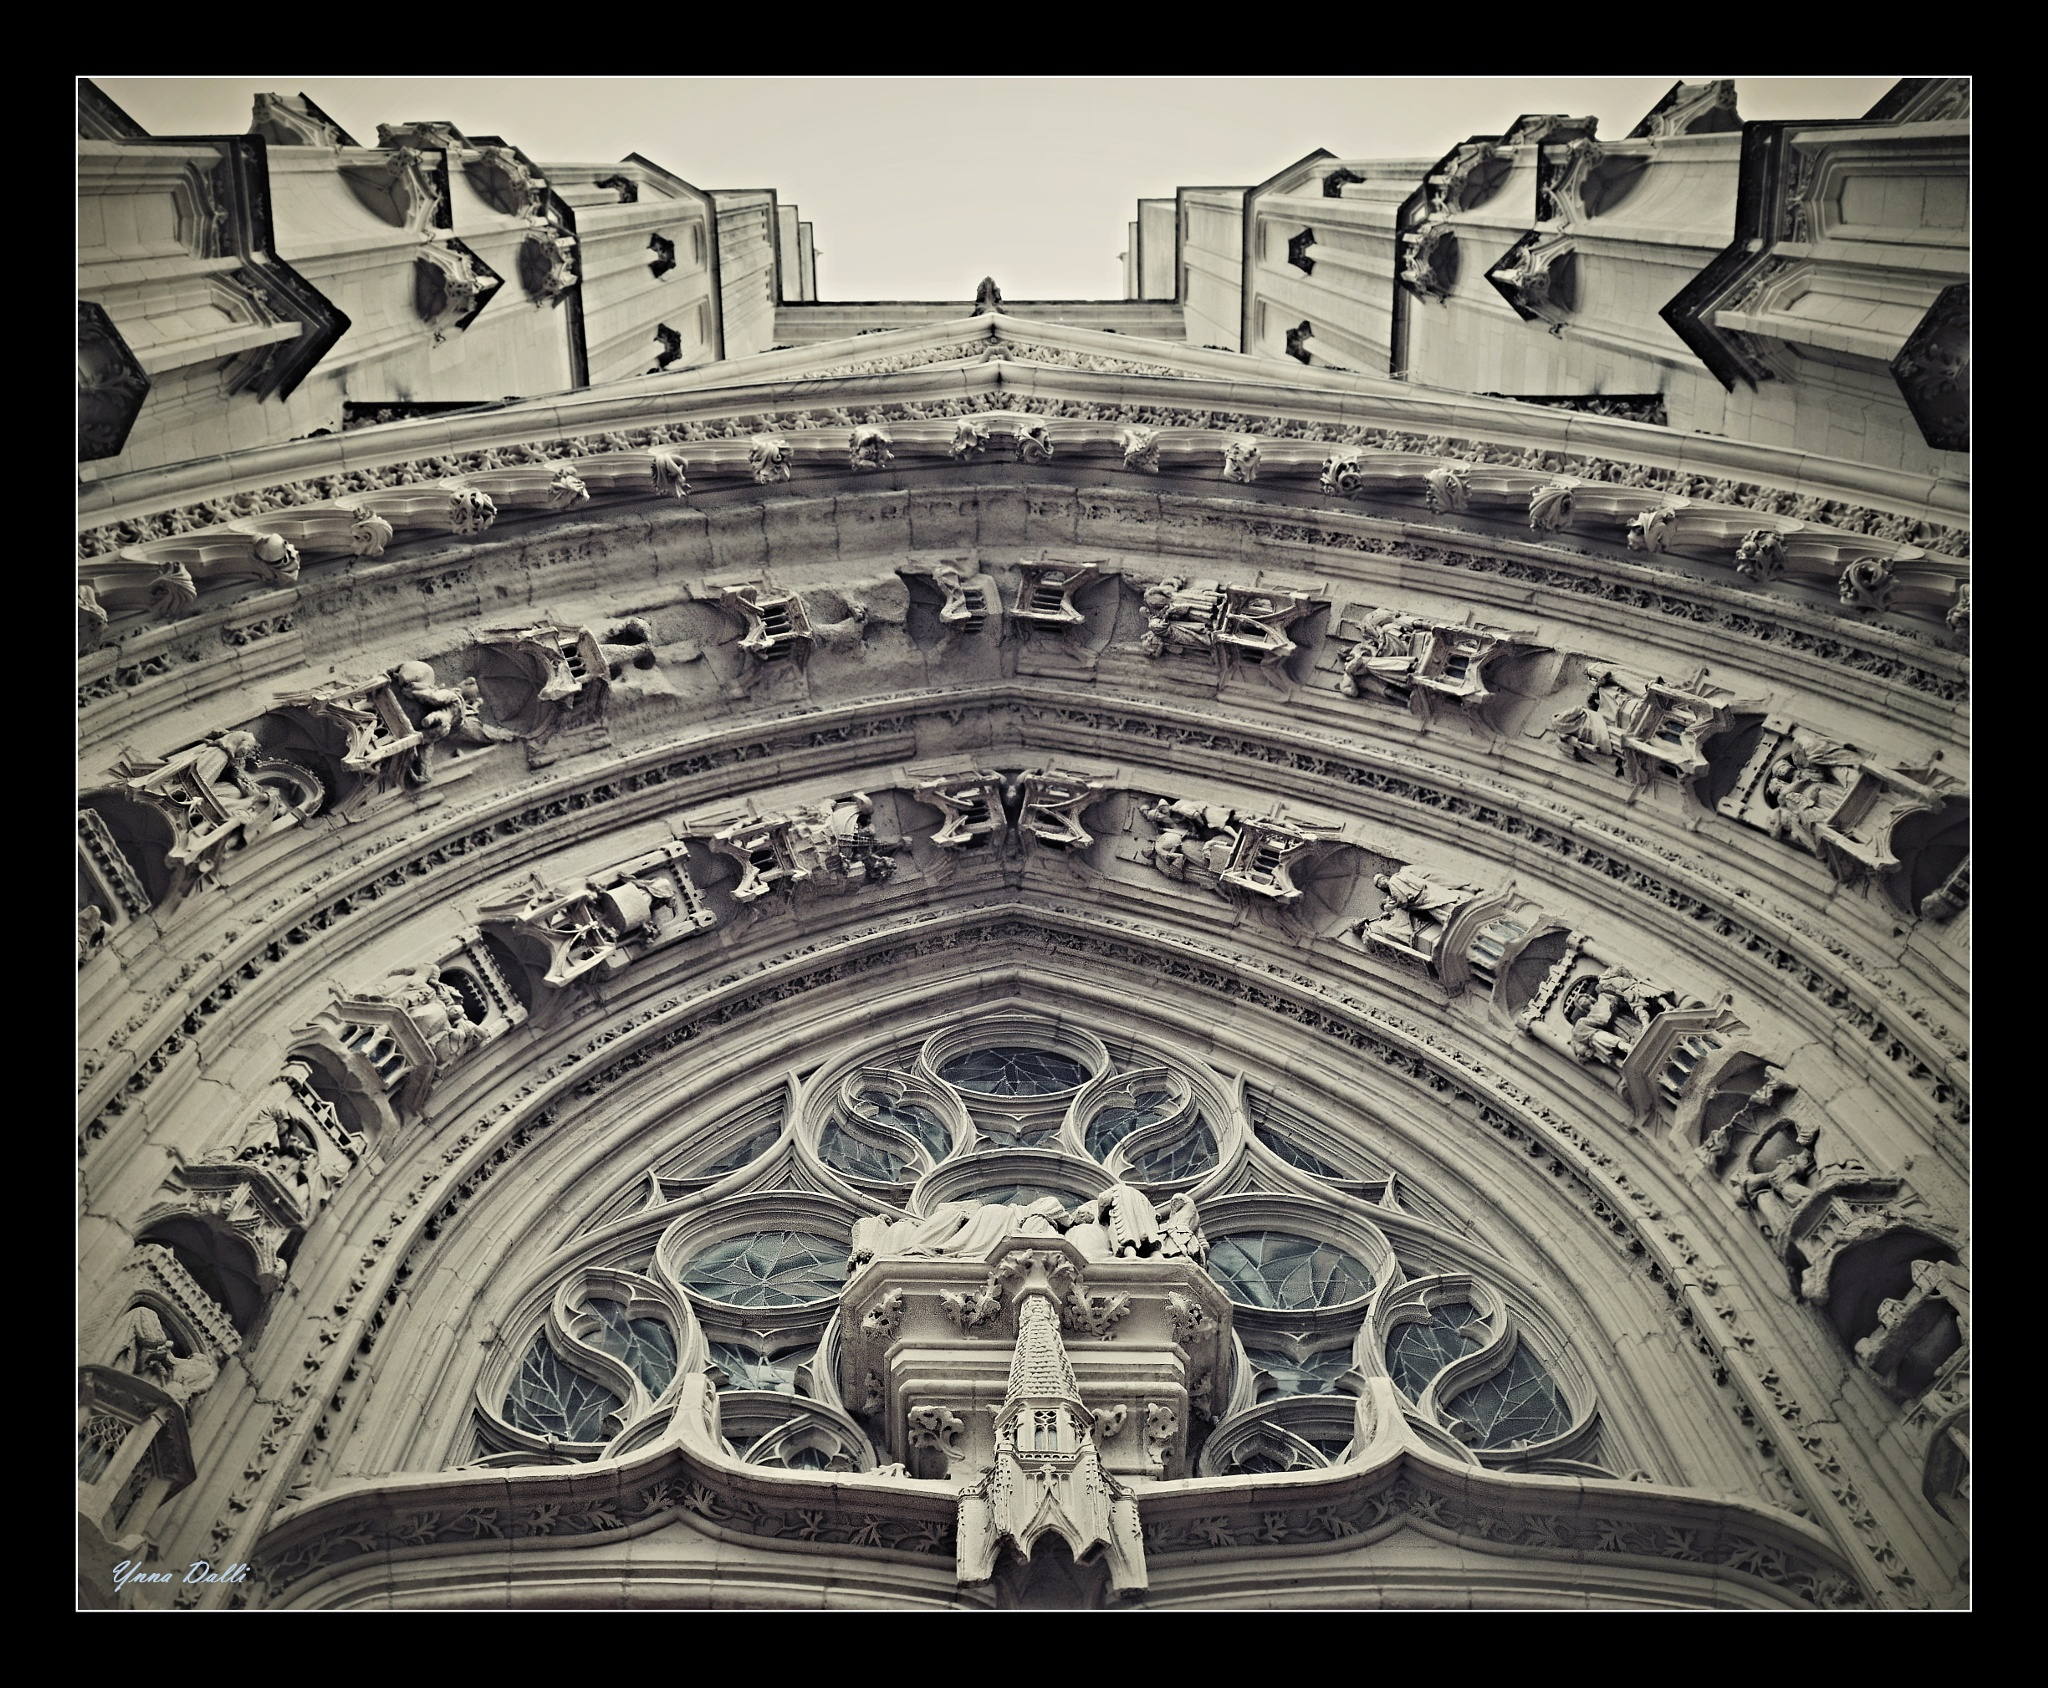 Cathédrale Saint Pierre et Saint Paul de Nantes by YnnaDalli